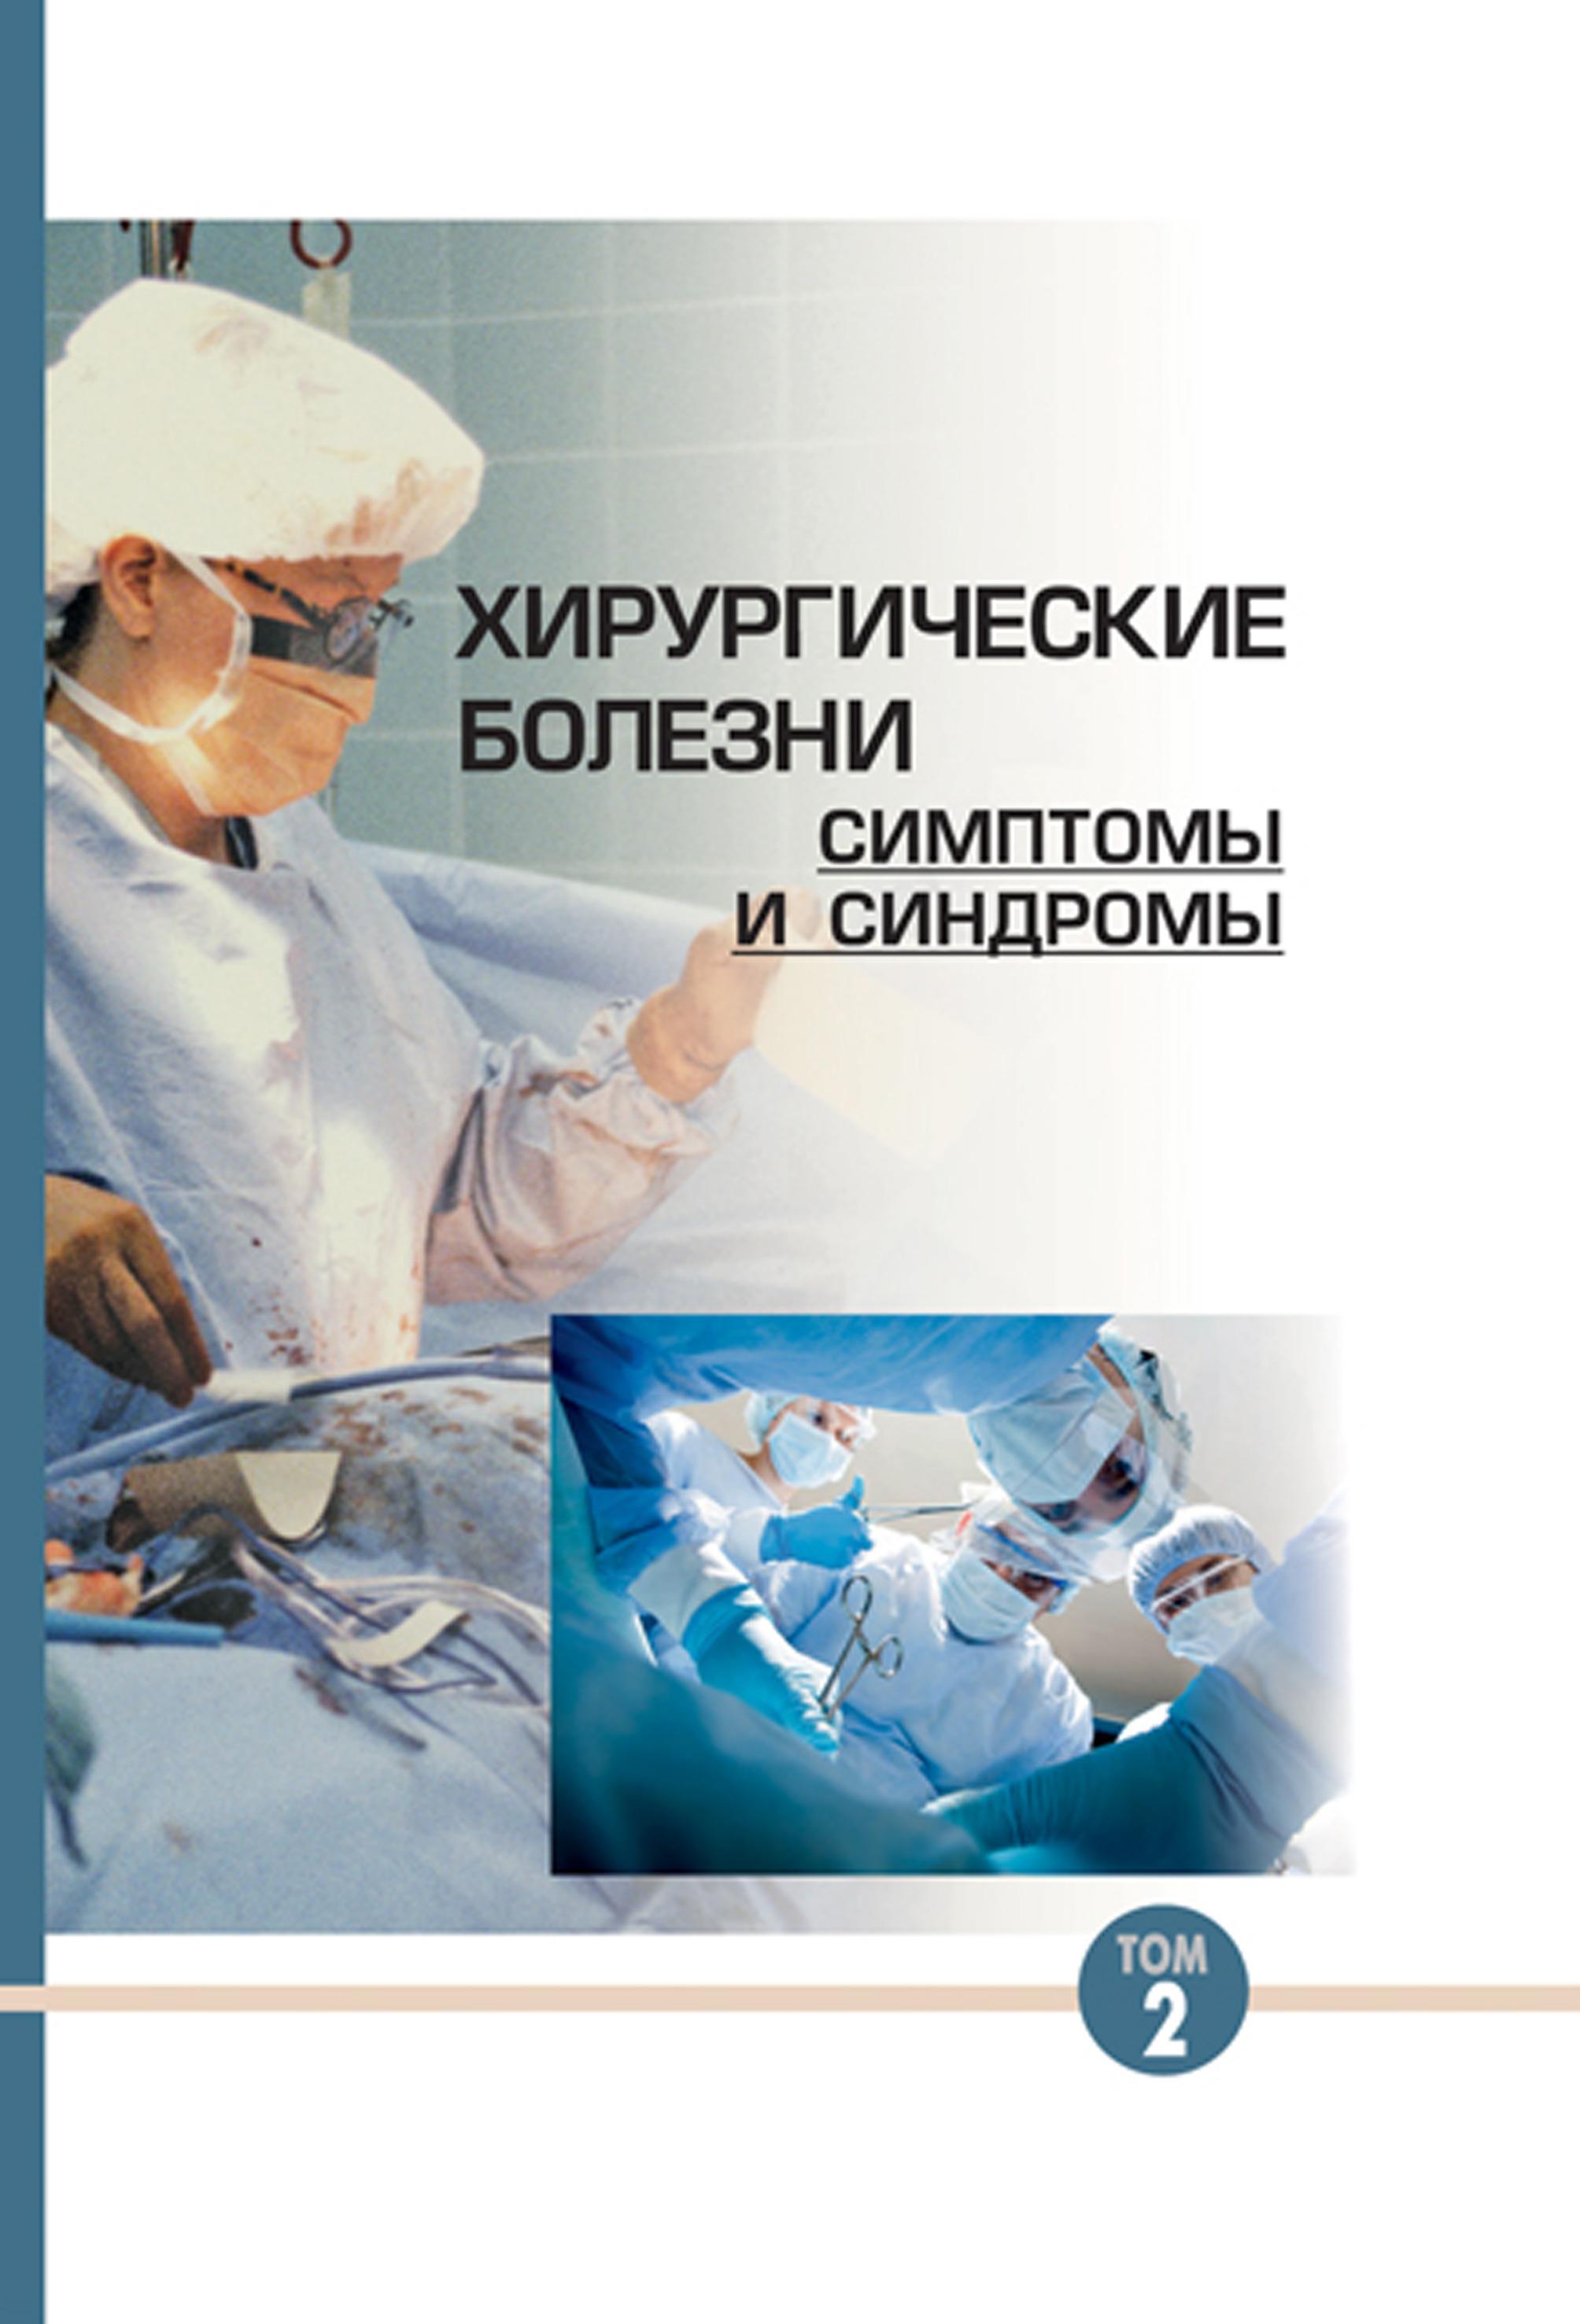 Ю. М. Гаин Хирургические болезни: симптомы и синдромы. Том 2 в в подкаменев хирургические болезни детского возраста